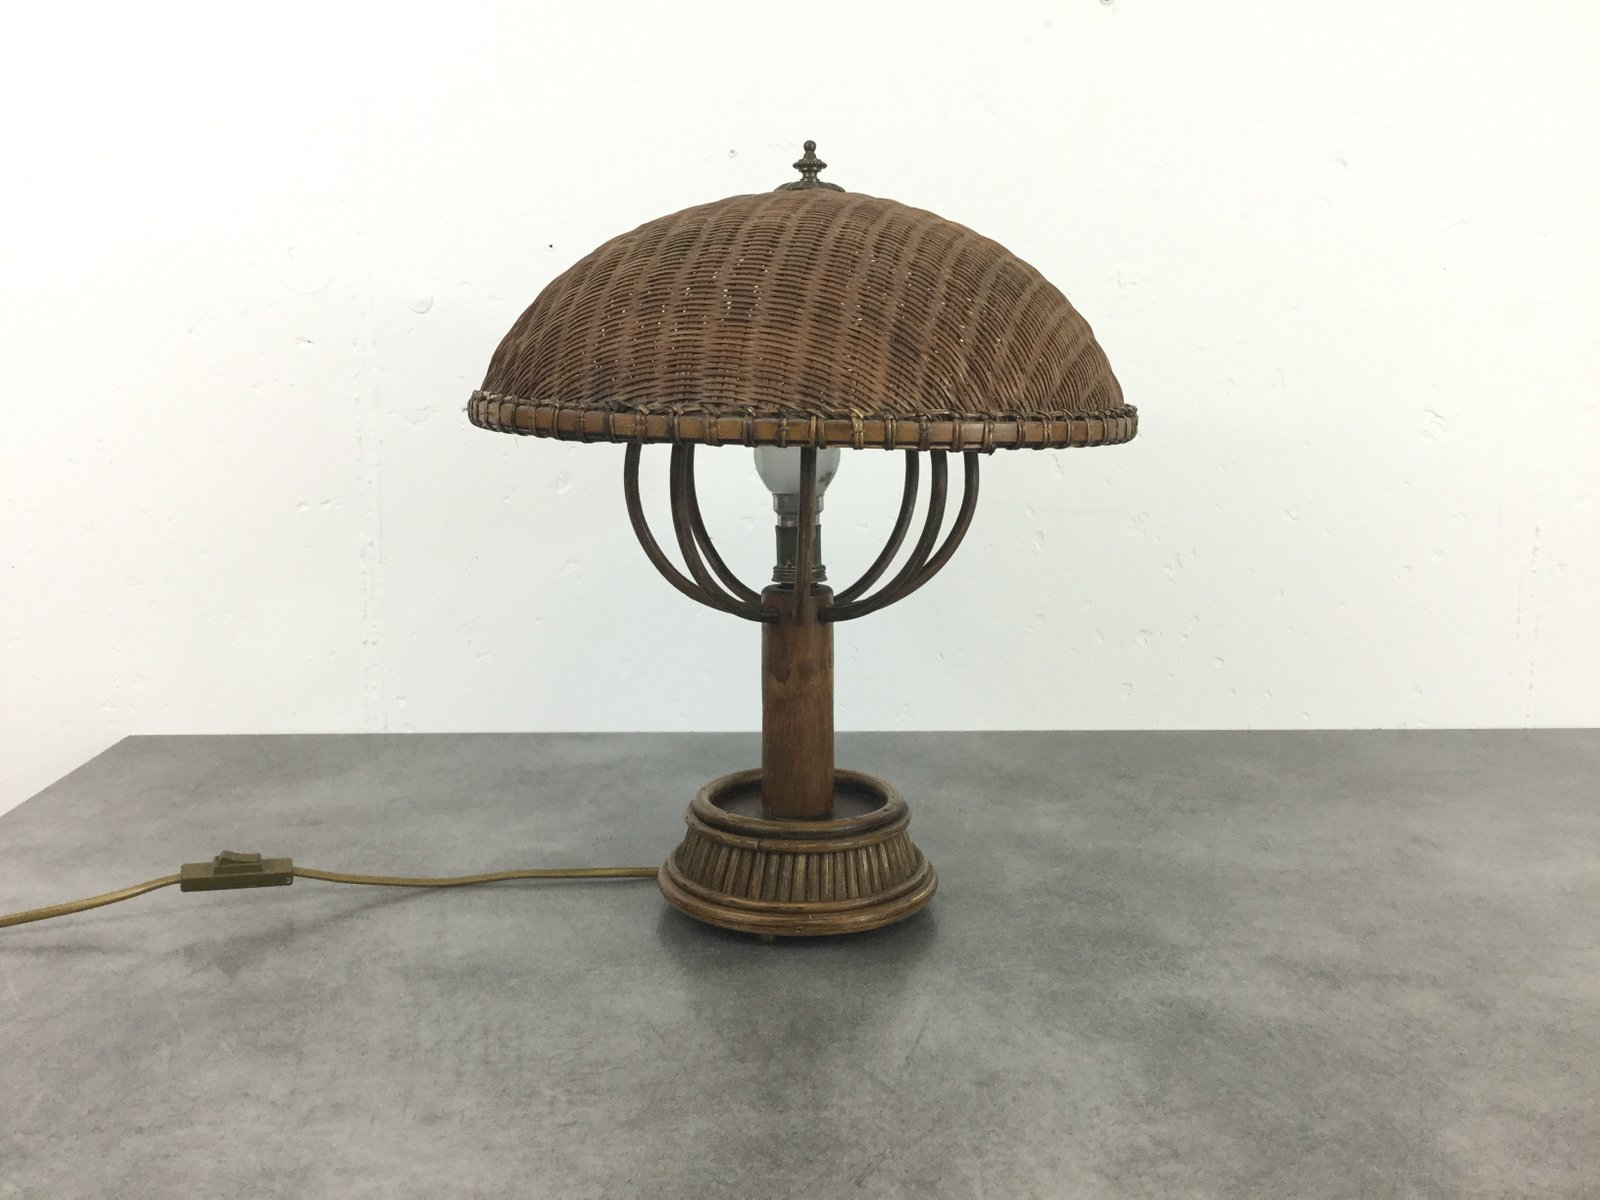 Tischlampe aus Rattan, 1960er